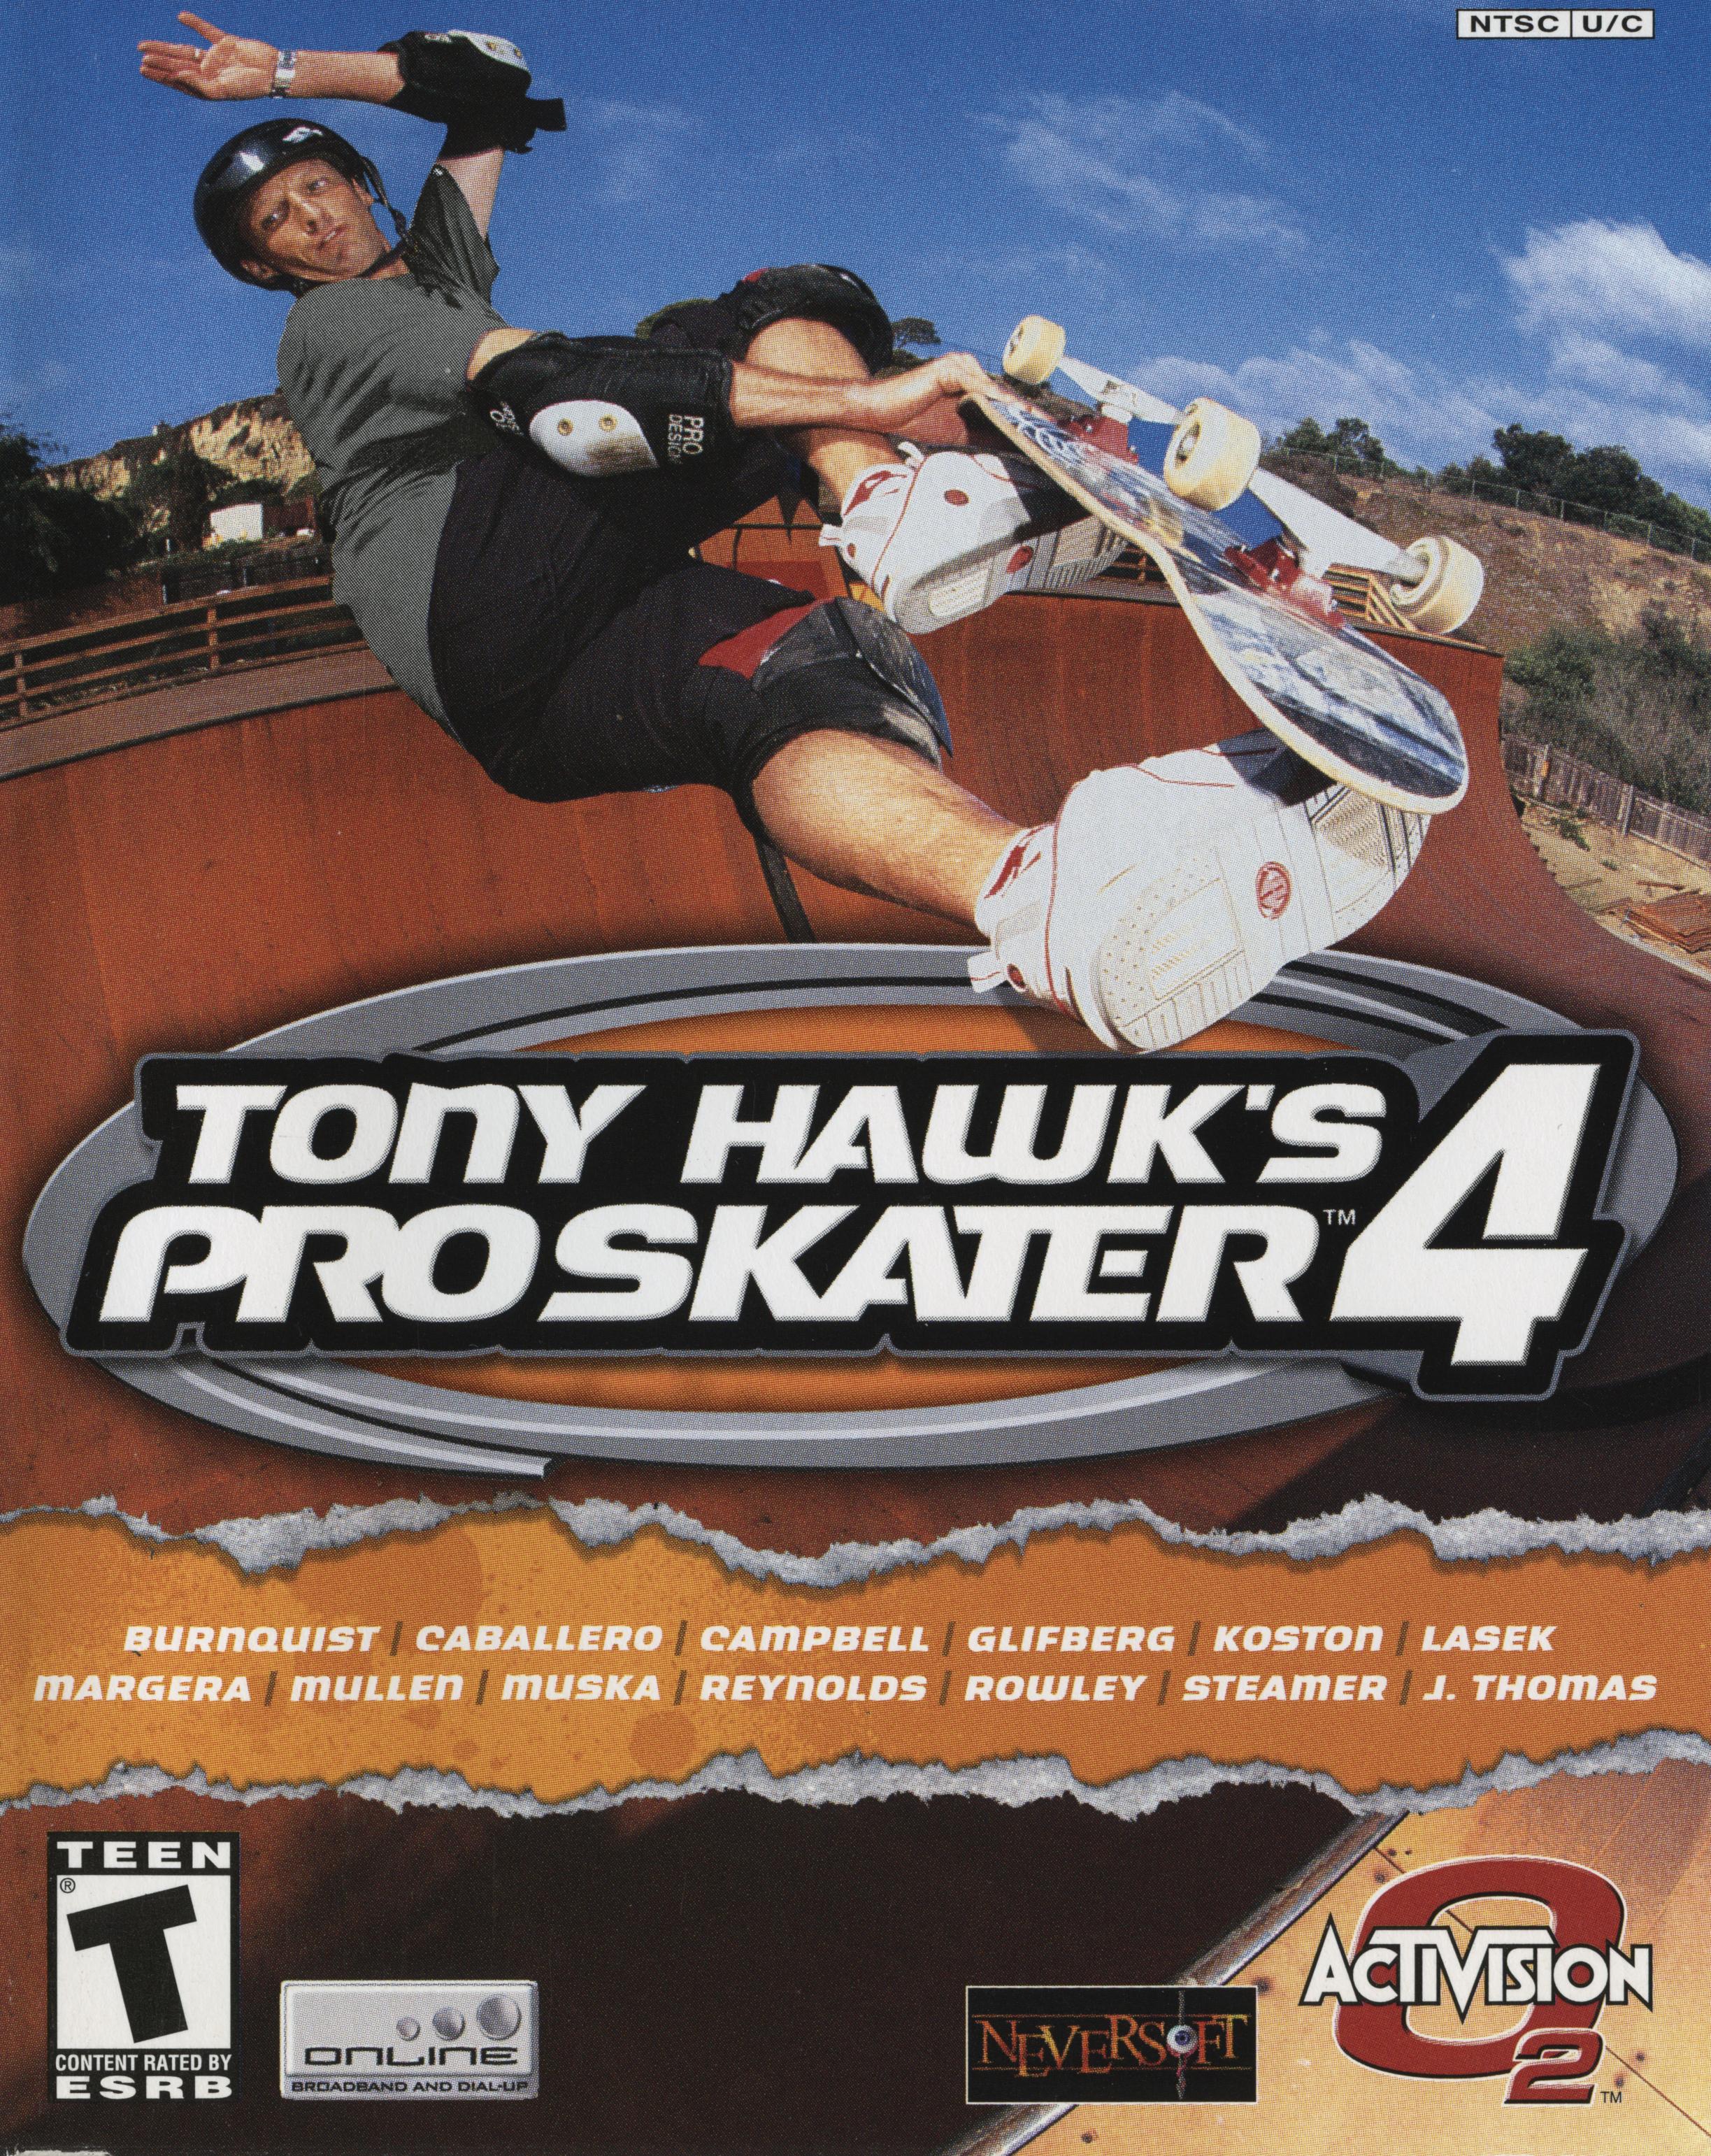 Tony Hawk's Pro Skater 4 cover